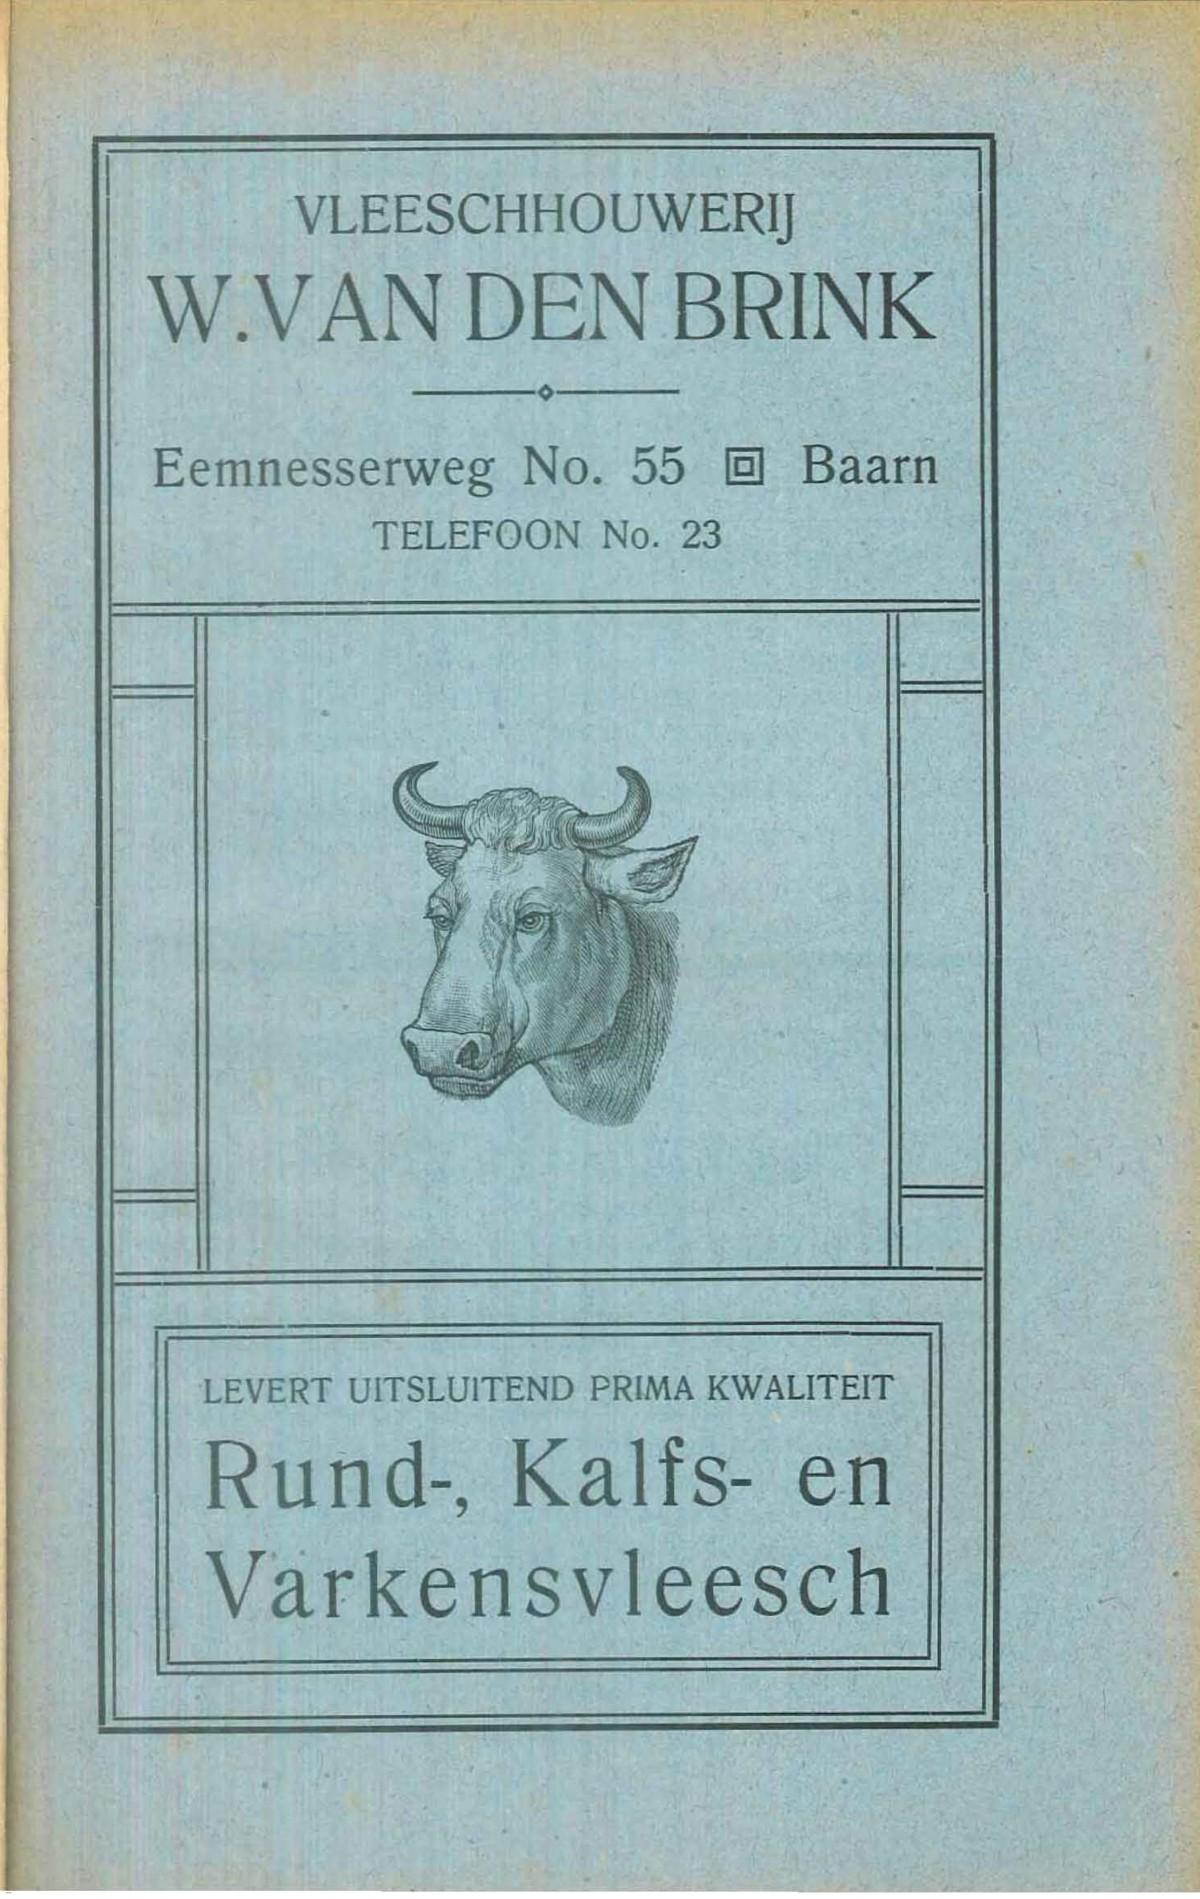 Vleeschhouwerij W. van den Brink